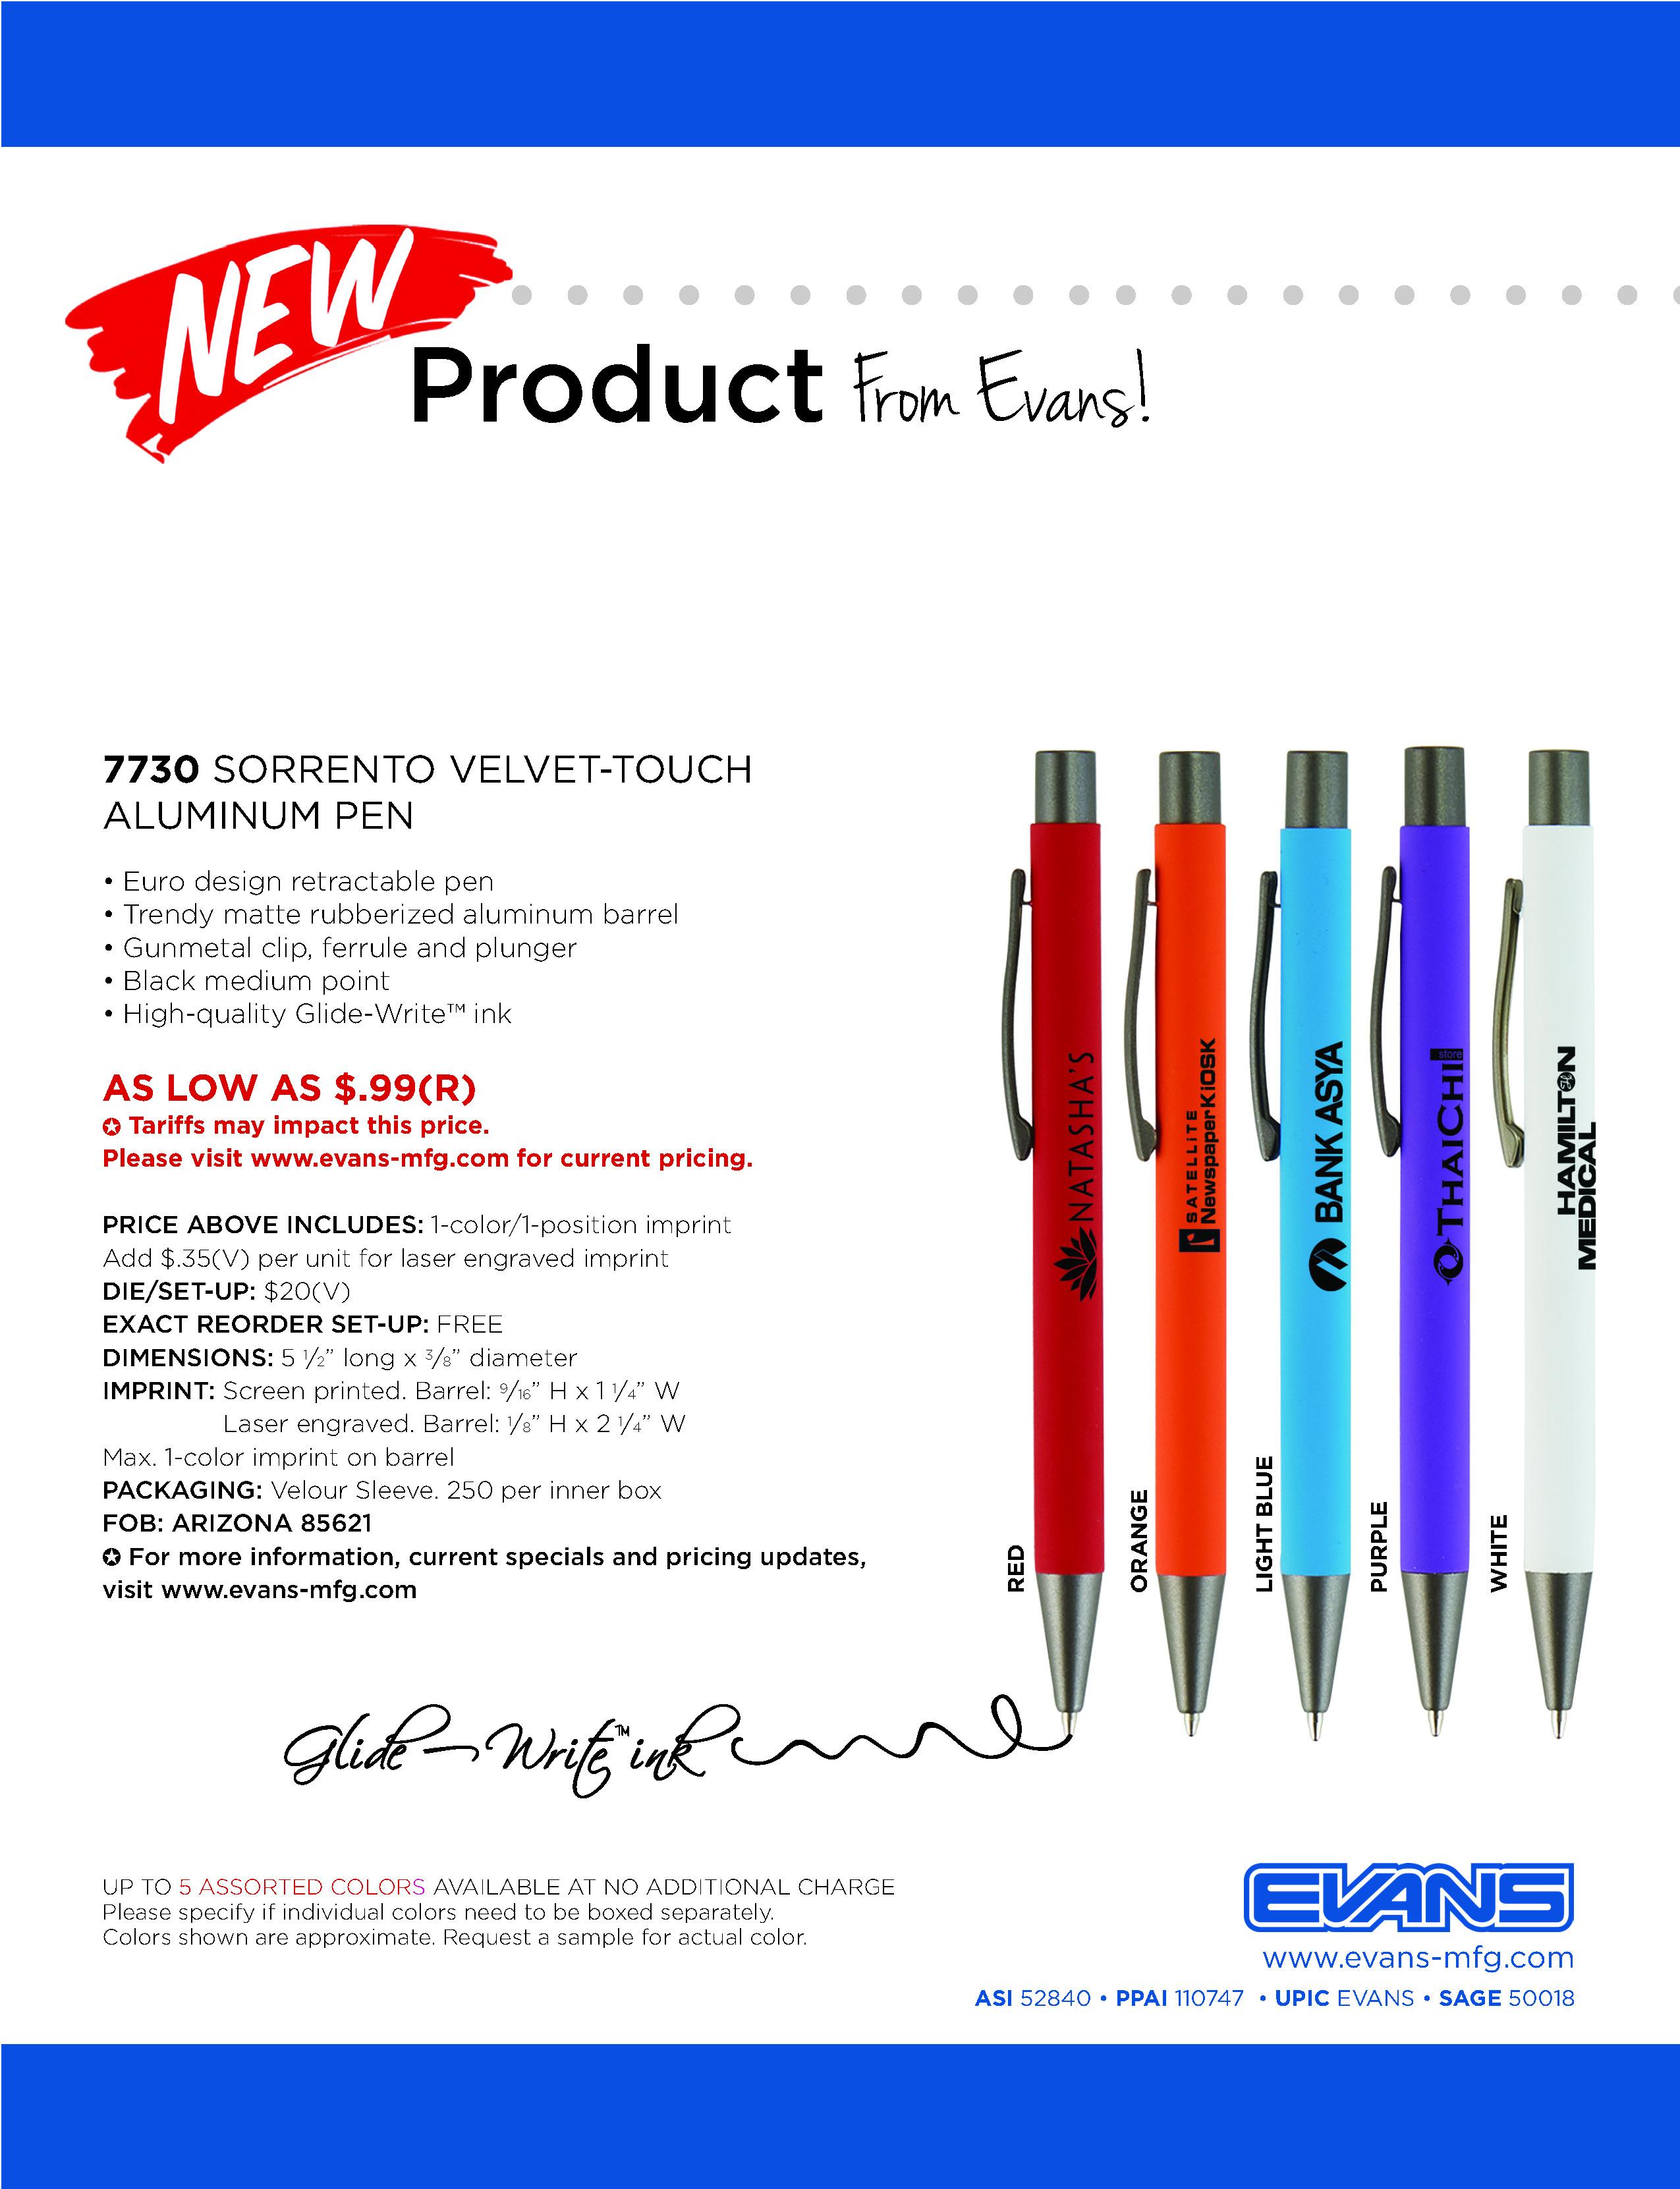 7730 Sorrento Velvet-Touch Aluminum Pen